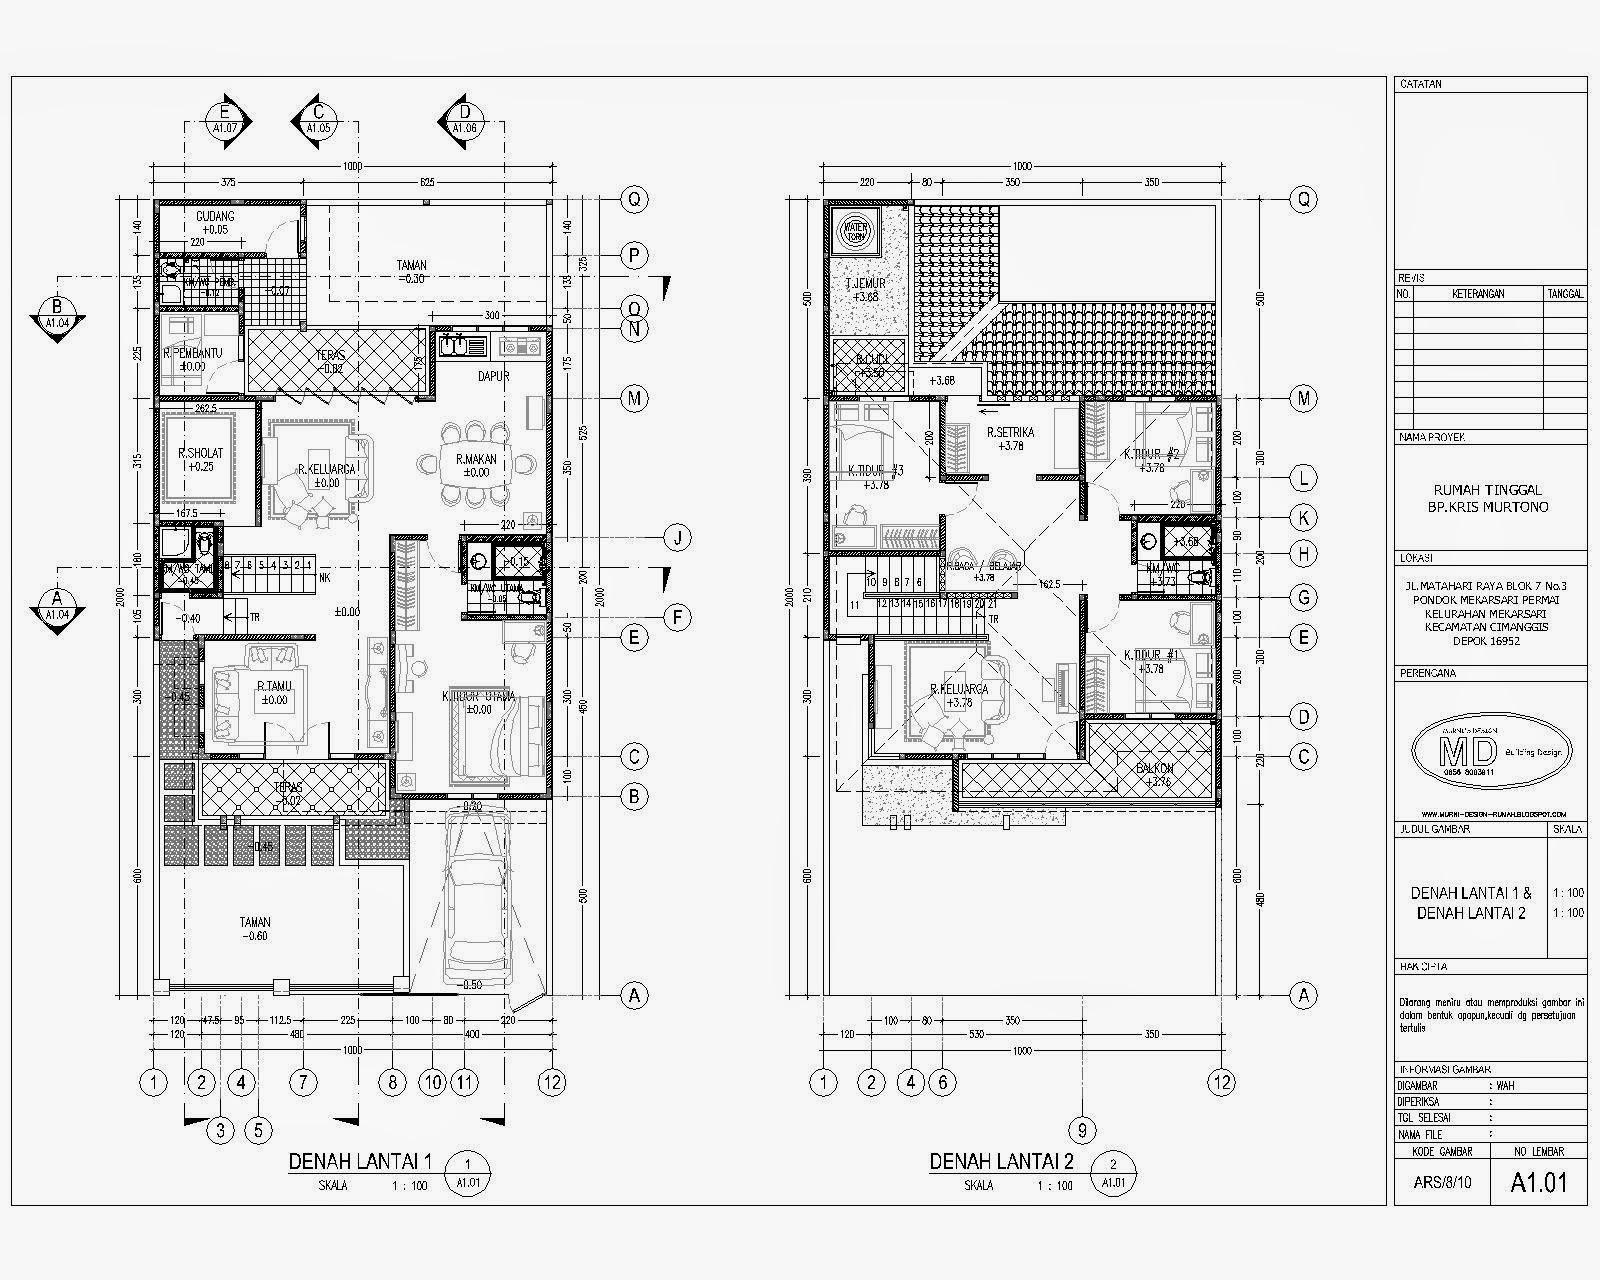 Desain Rumah Minimalis 2 Lantai Type 36 72 Foto Desain Rumah